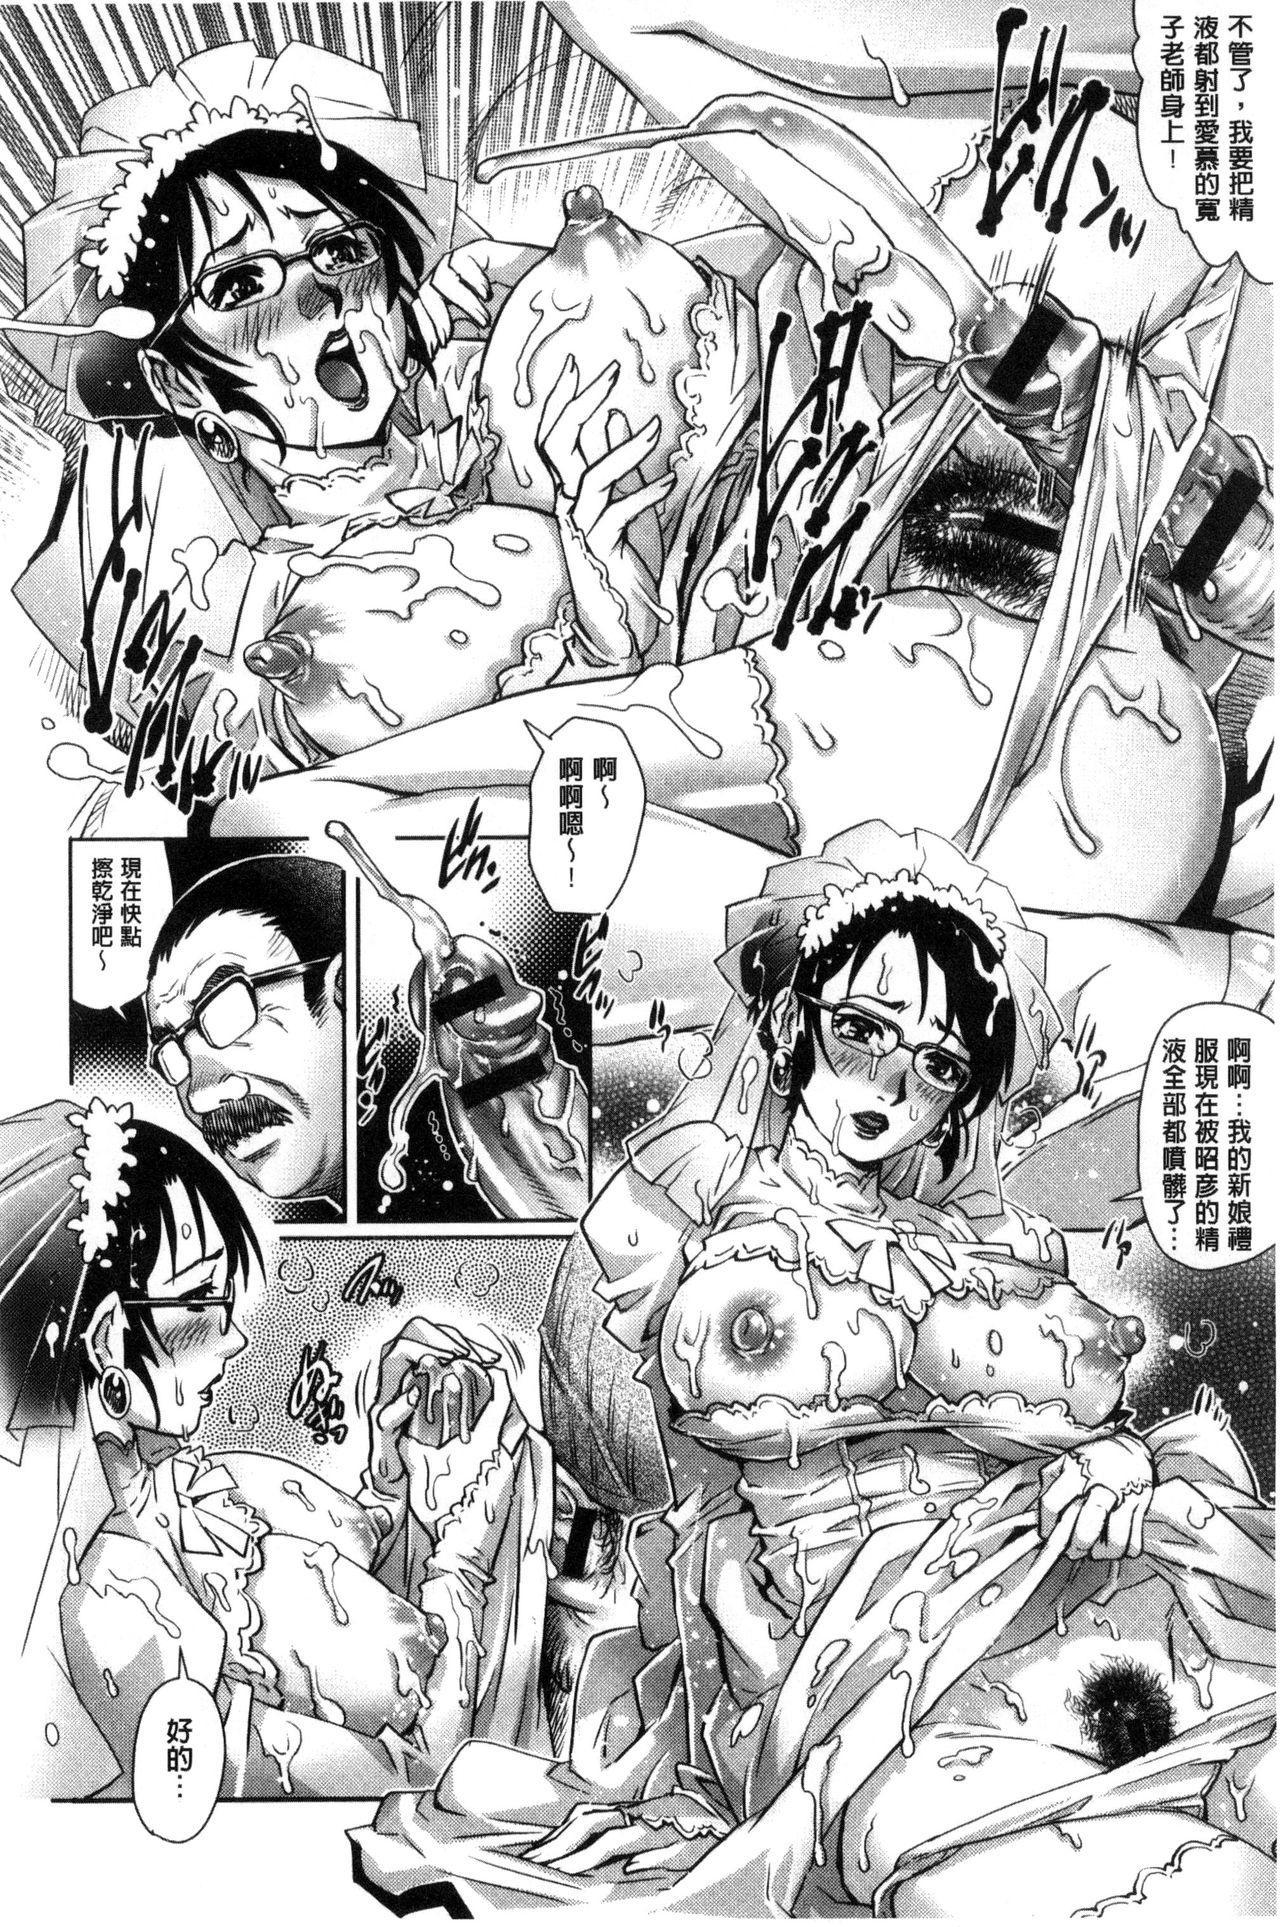 Megami-tachi no Complex | 女神們的COMPLEXES 142